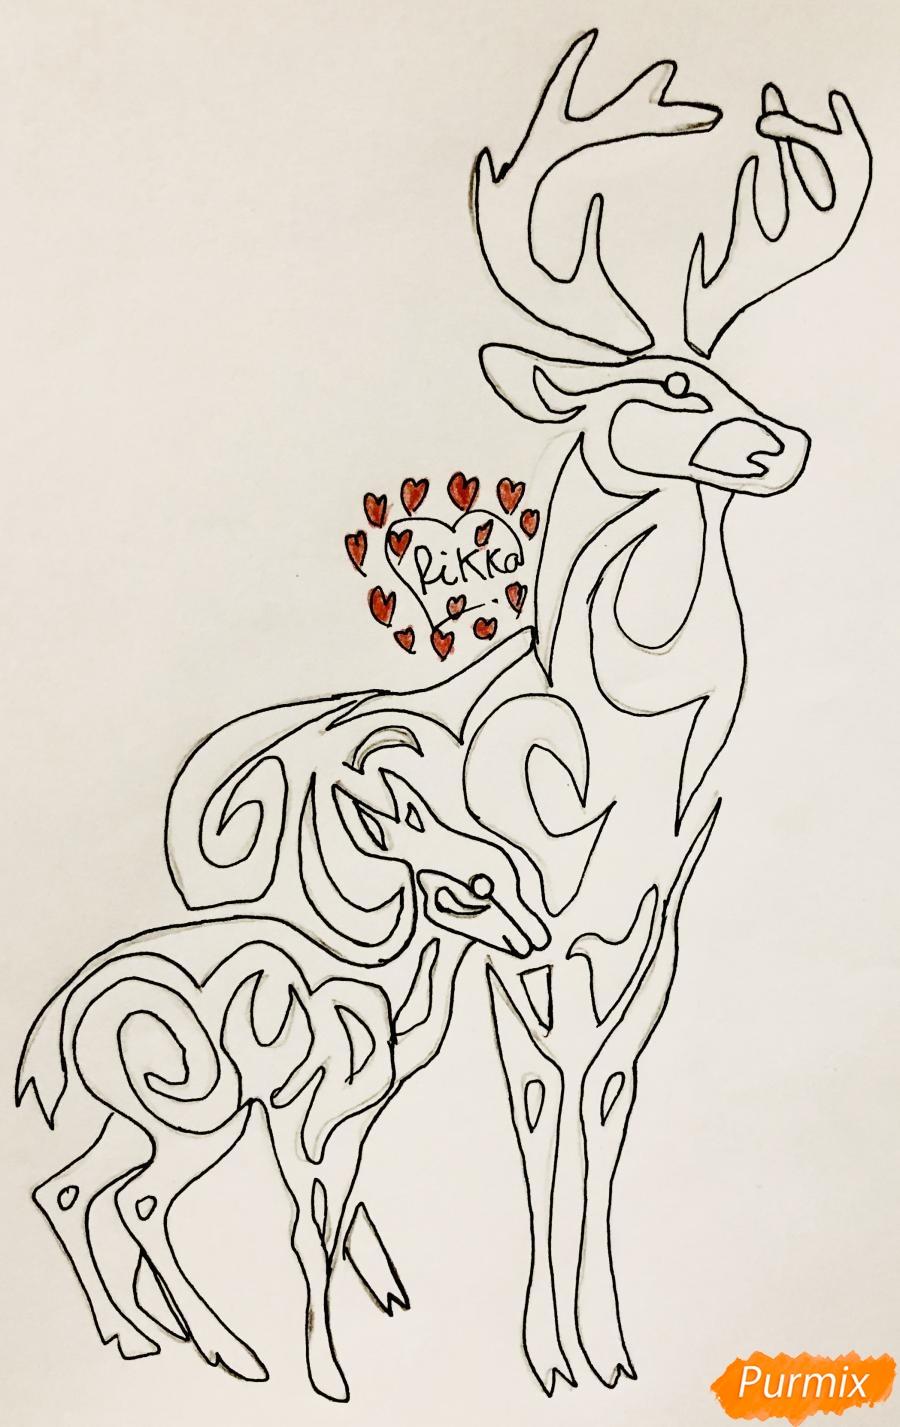 Рисуем оленя и оленёнка в стиле тату - шаг 7